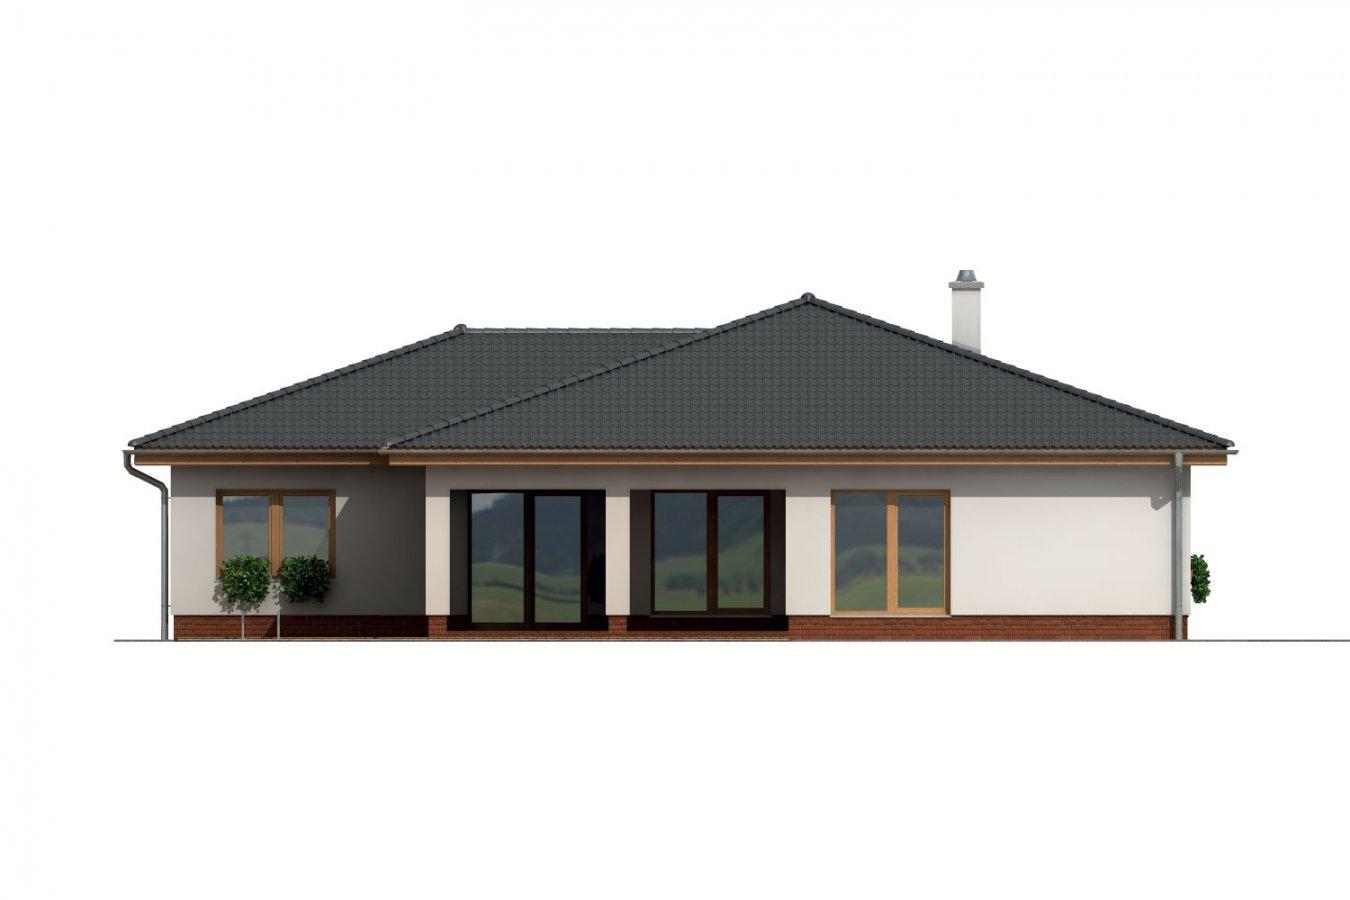 Pohľad 1. - Veľkopriestorový rodinný dom do L s dvojgarážou a krytou terasou